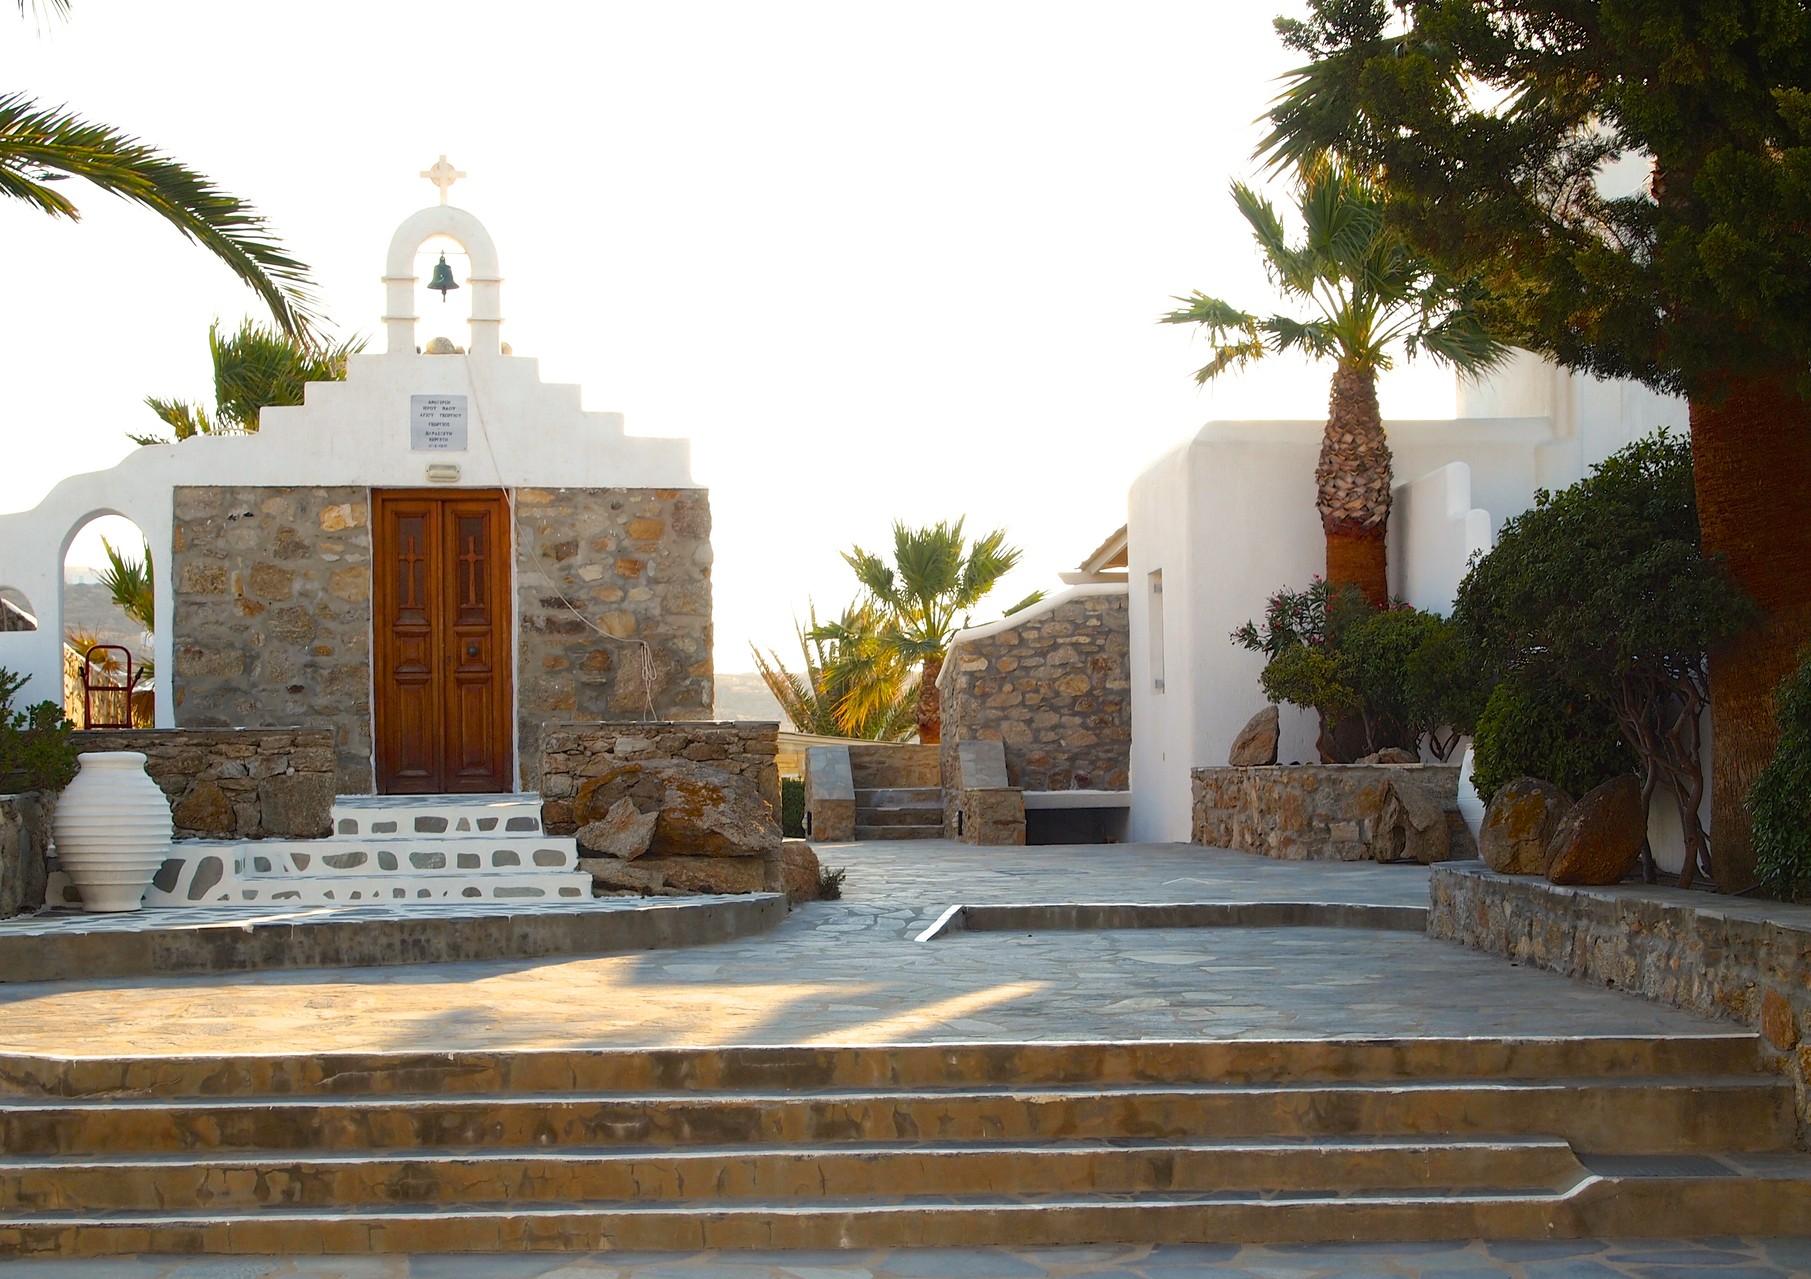 Mykonos - Hotel San Giorgio - Chapel - BYRH Beach Bags